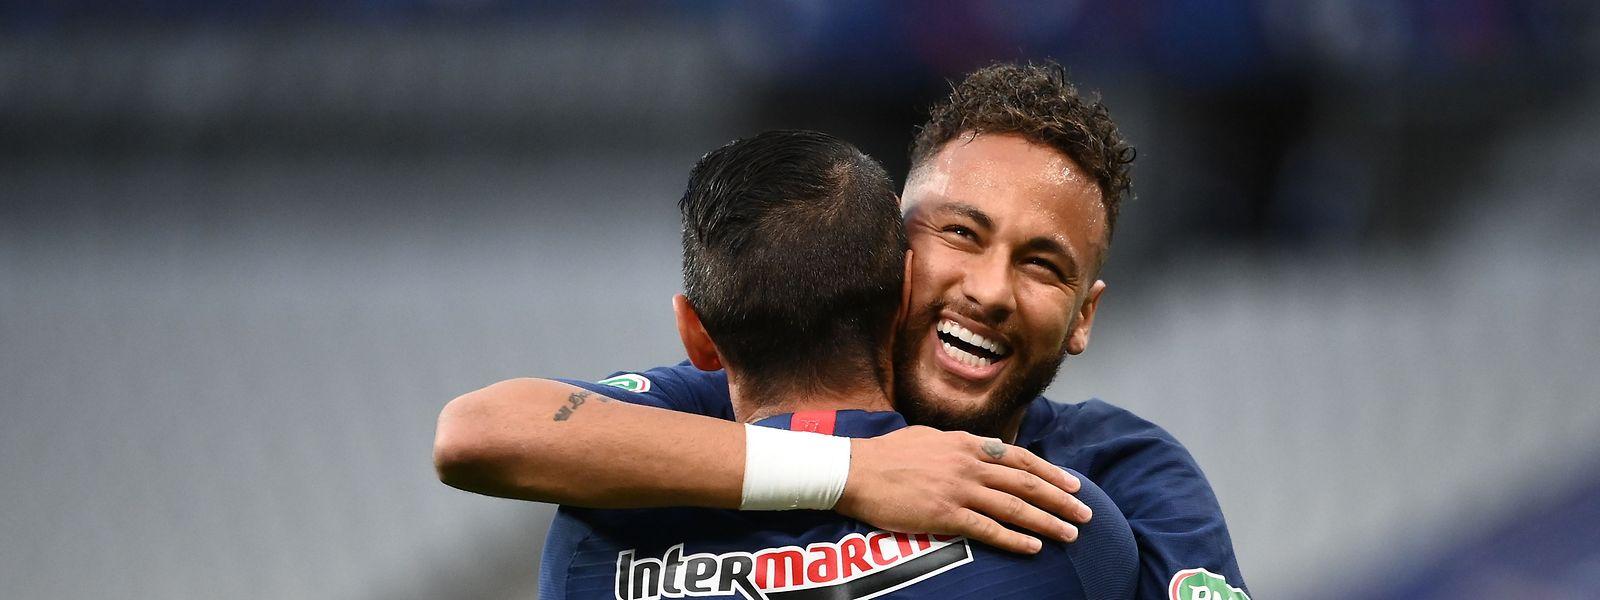 Neymar bejubelt mit seinem Teamkollegen Angel di Maria den Siegtreffer.